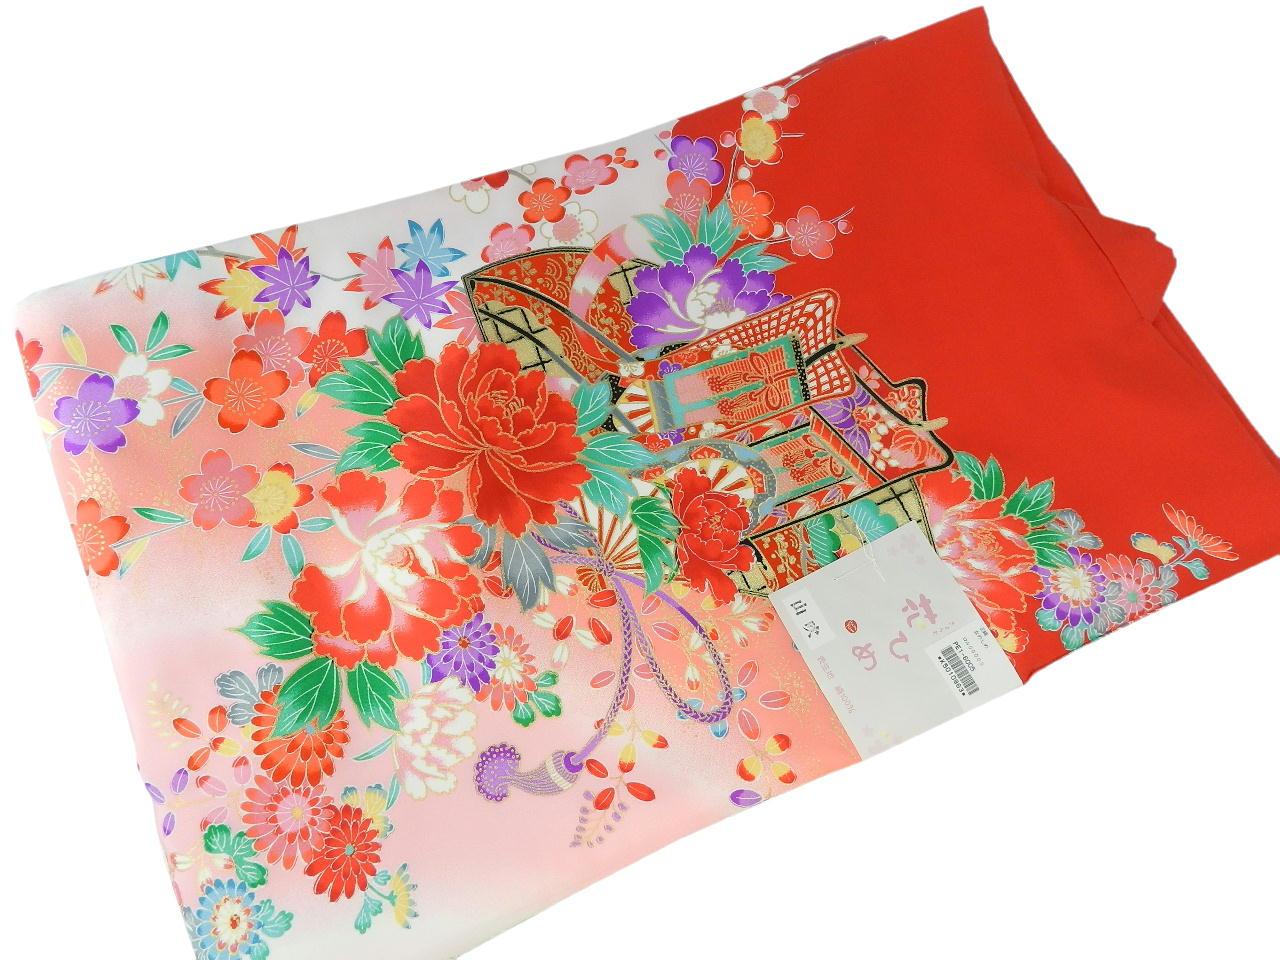 宮-4女の子女児正絹 宮参りの着物 襦袢付き祝い着セット価格産着 一つ身 のしめ祝着 着物 正絹  新品